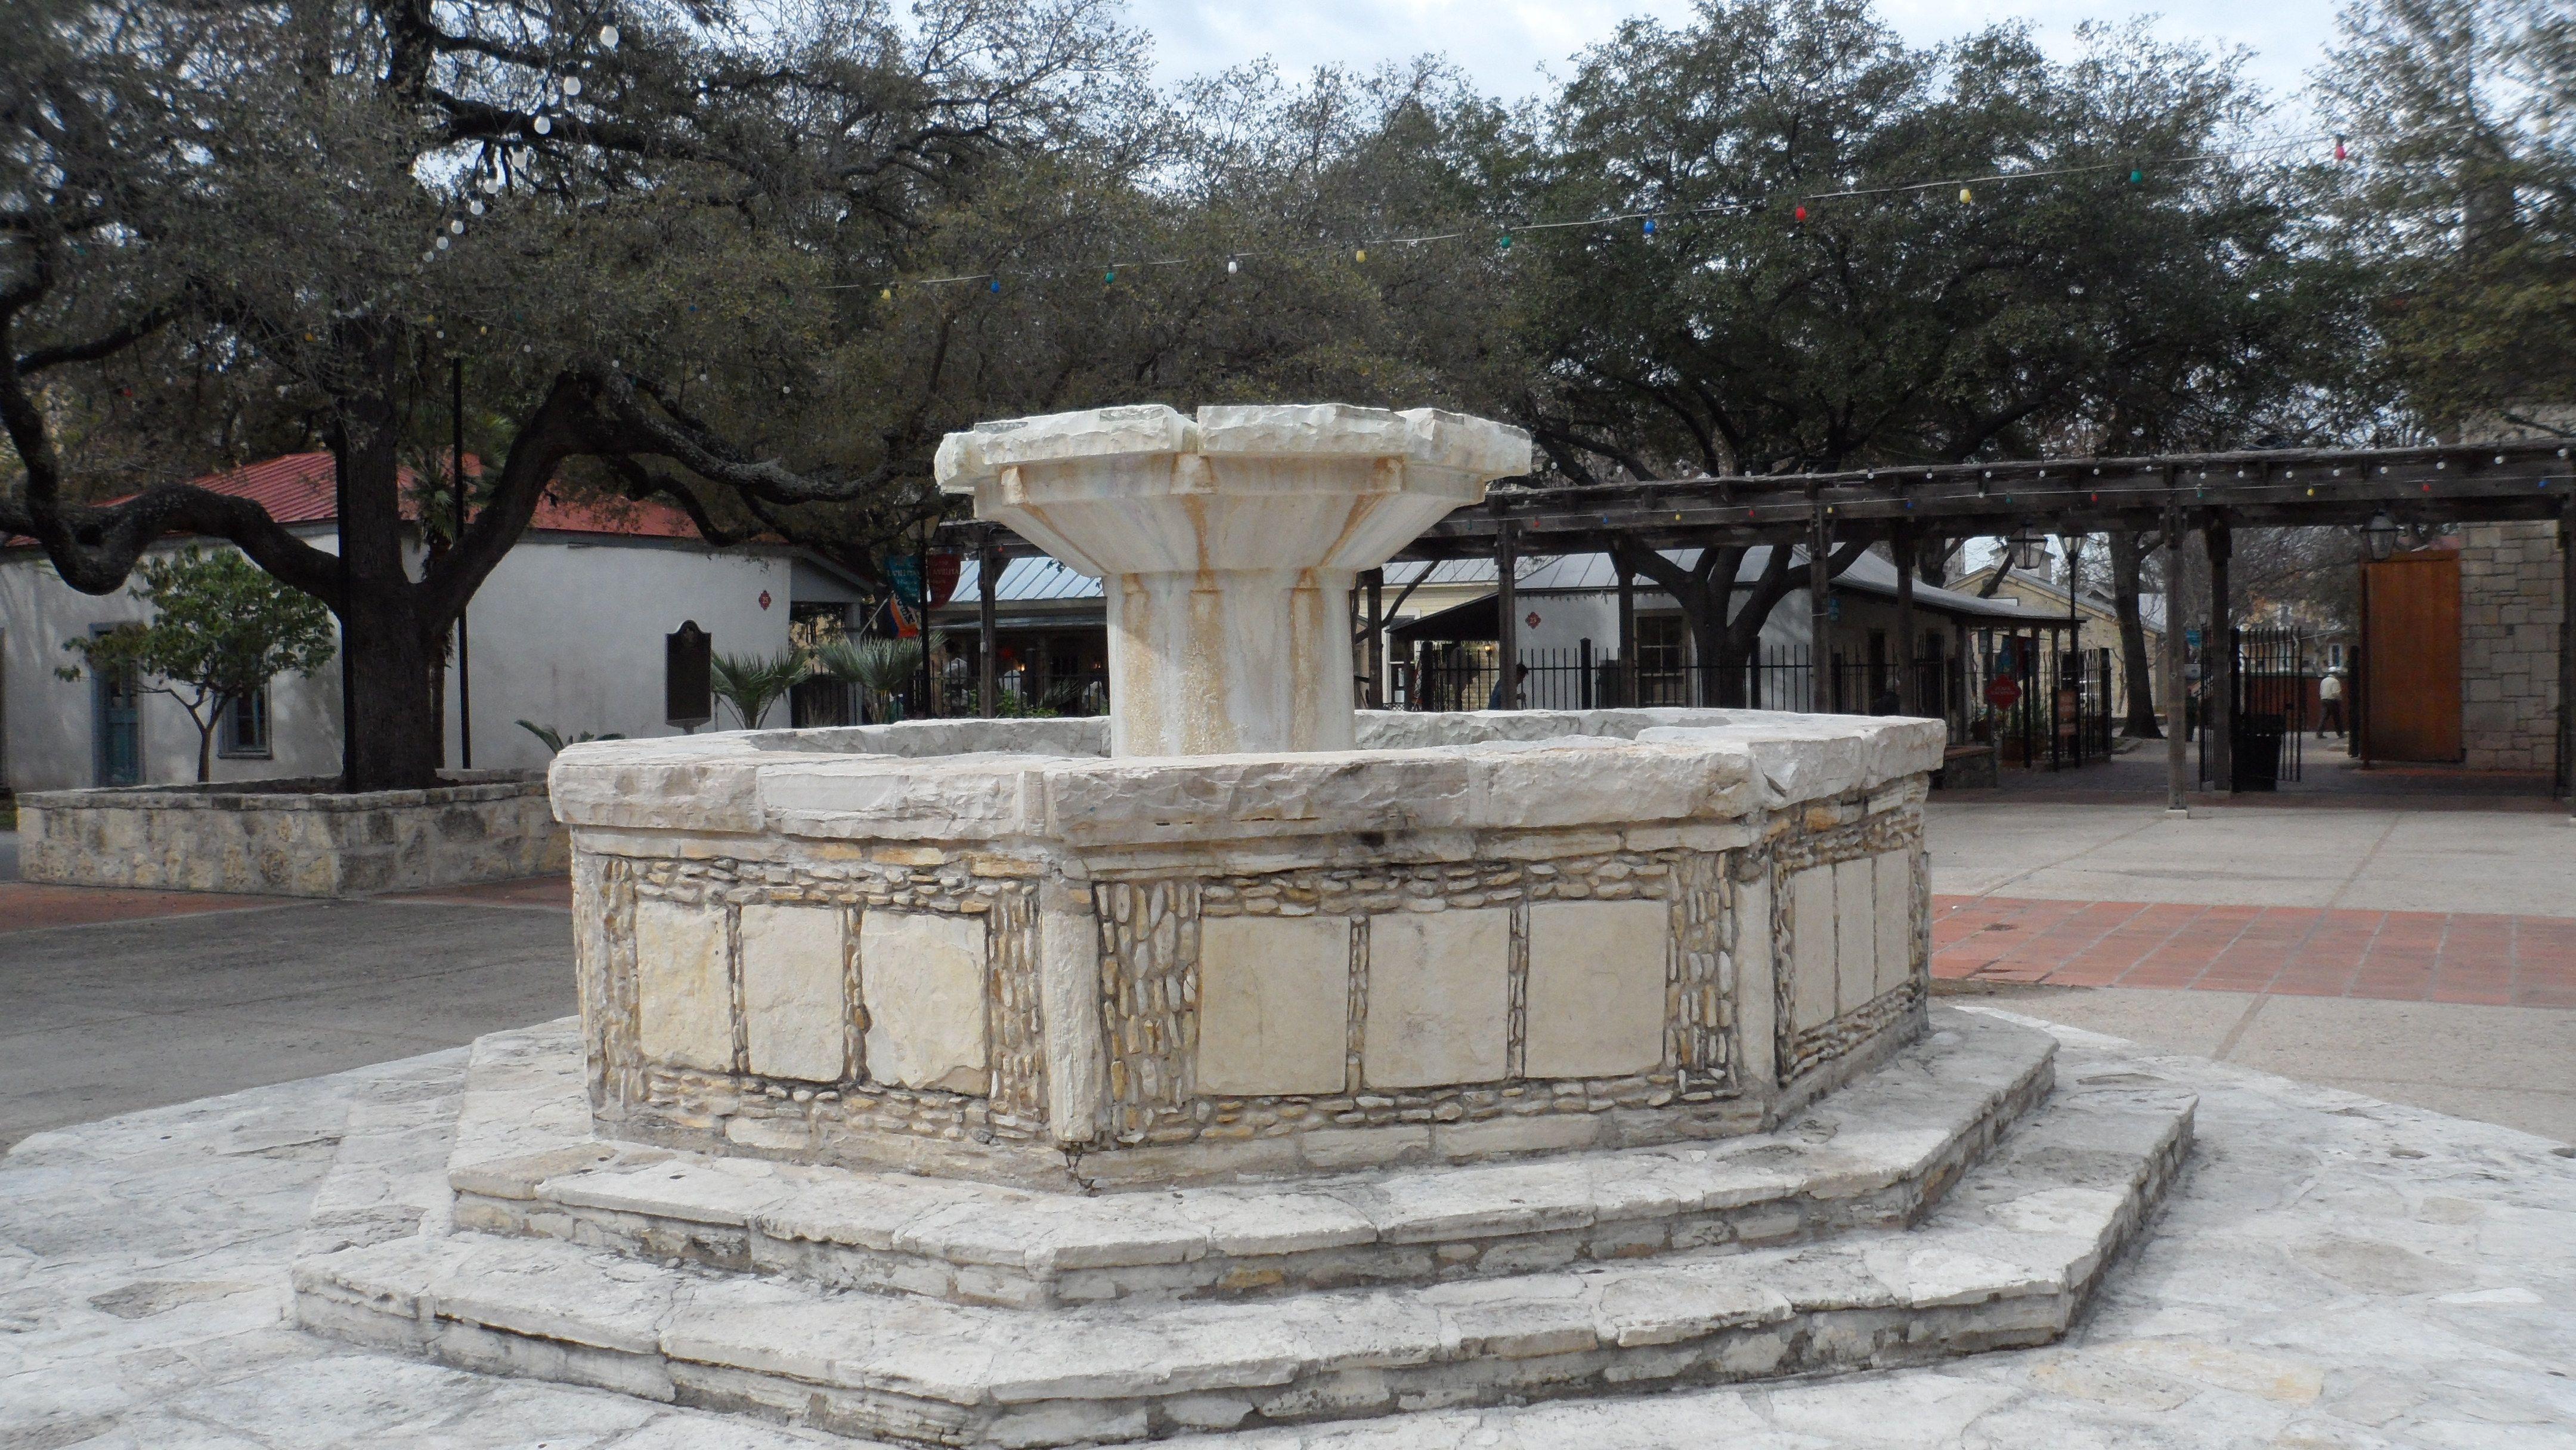 Center square of La Villita in San Antonio 9 year